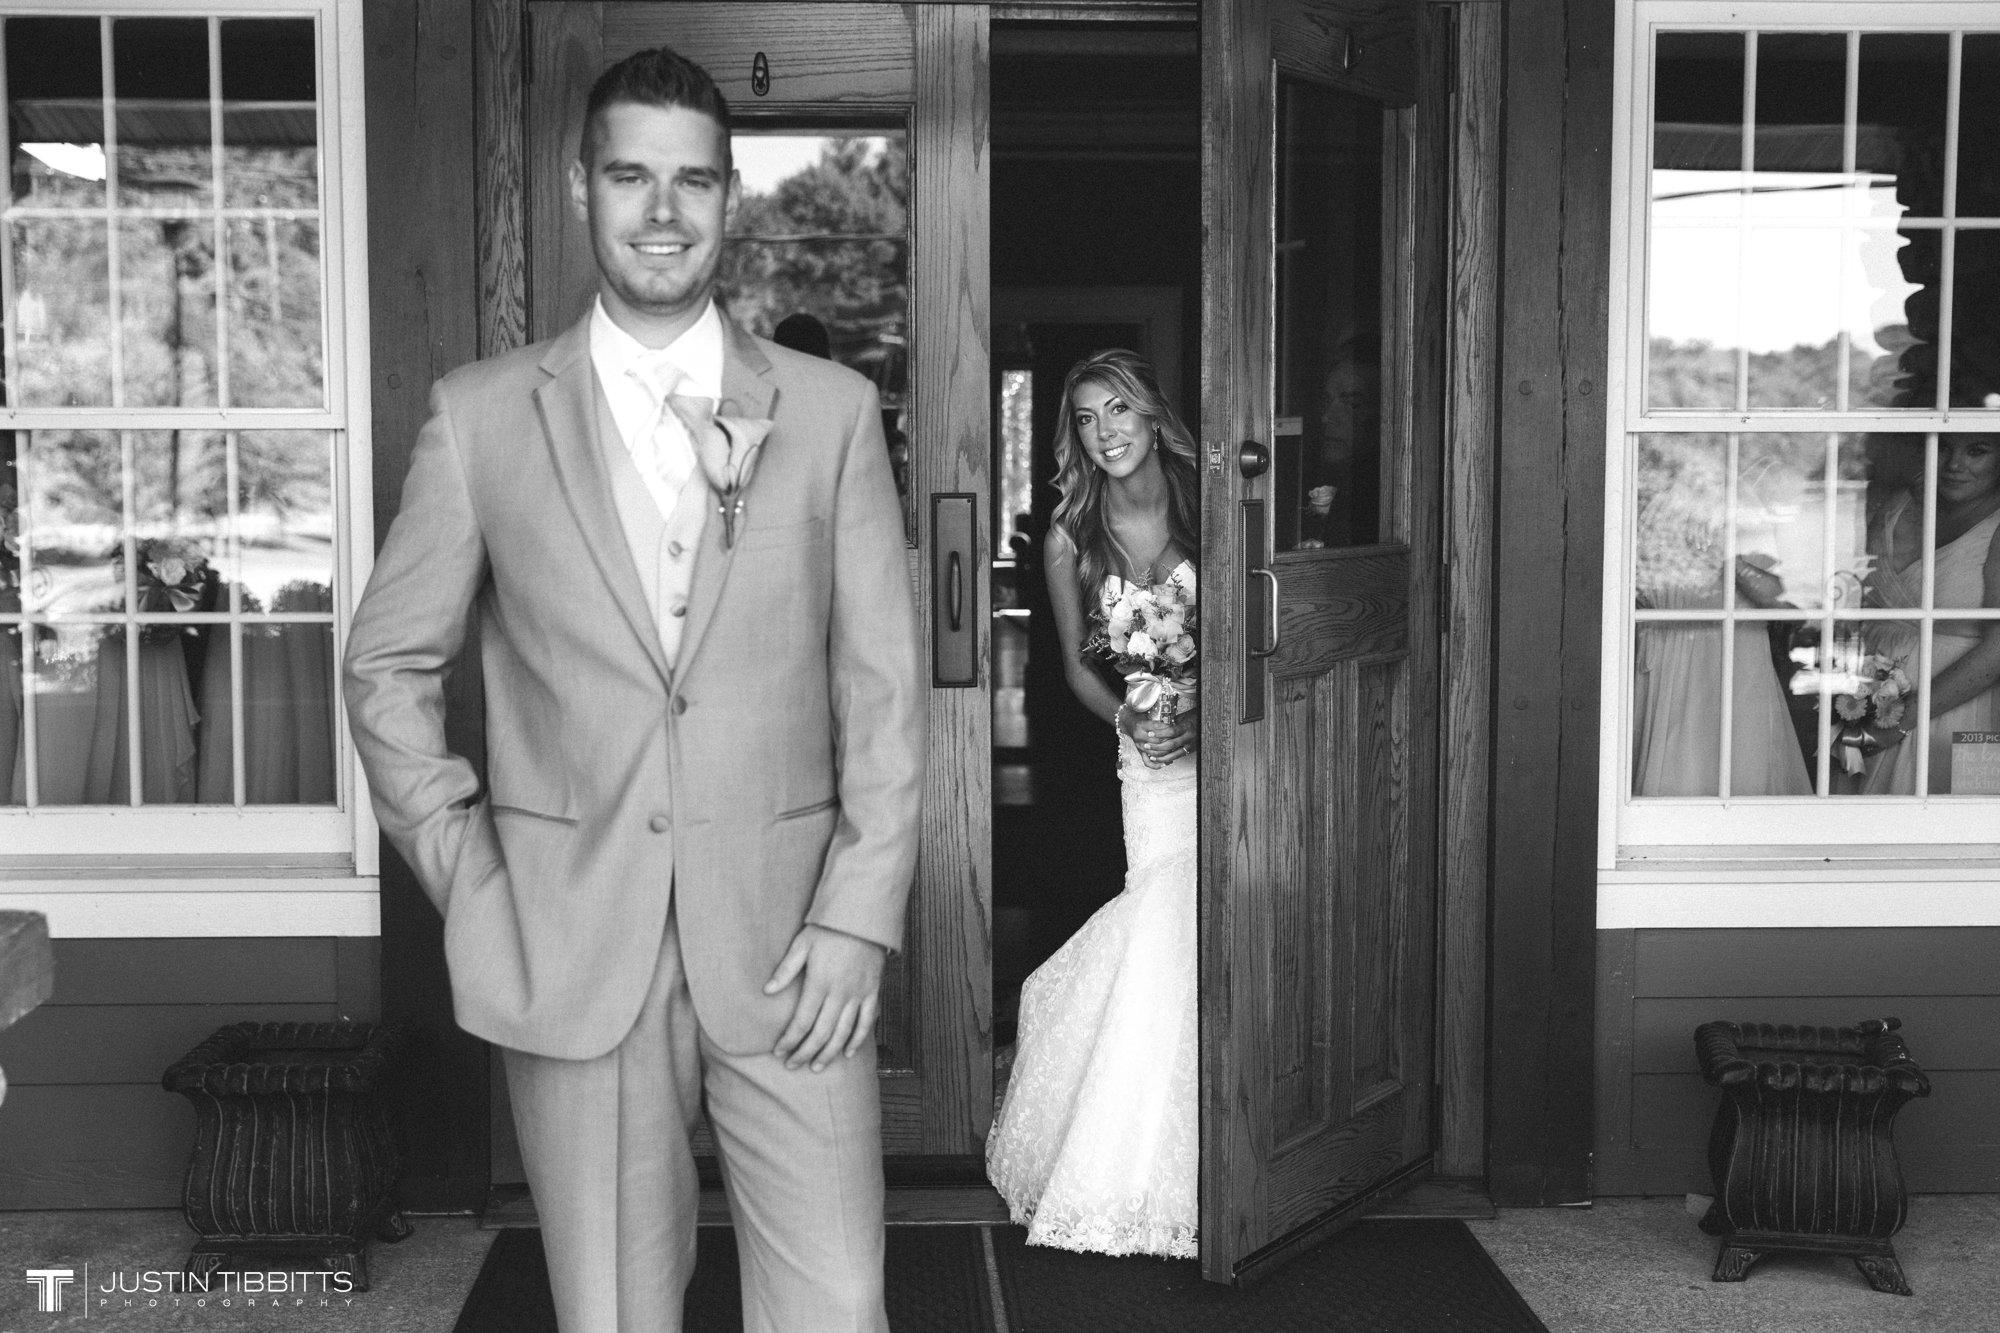 Albany NY Wedding Photographer Justin Tibbitts Photography 2014 Best of Albany NY Weddings-8454